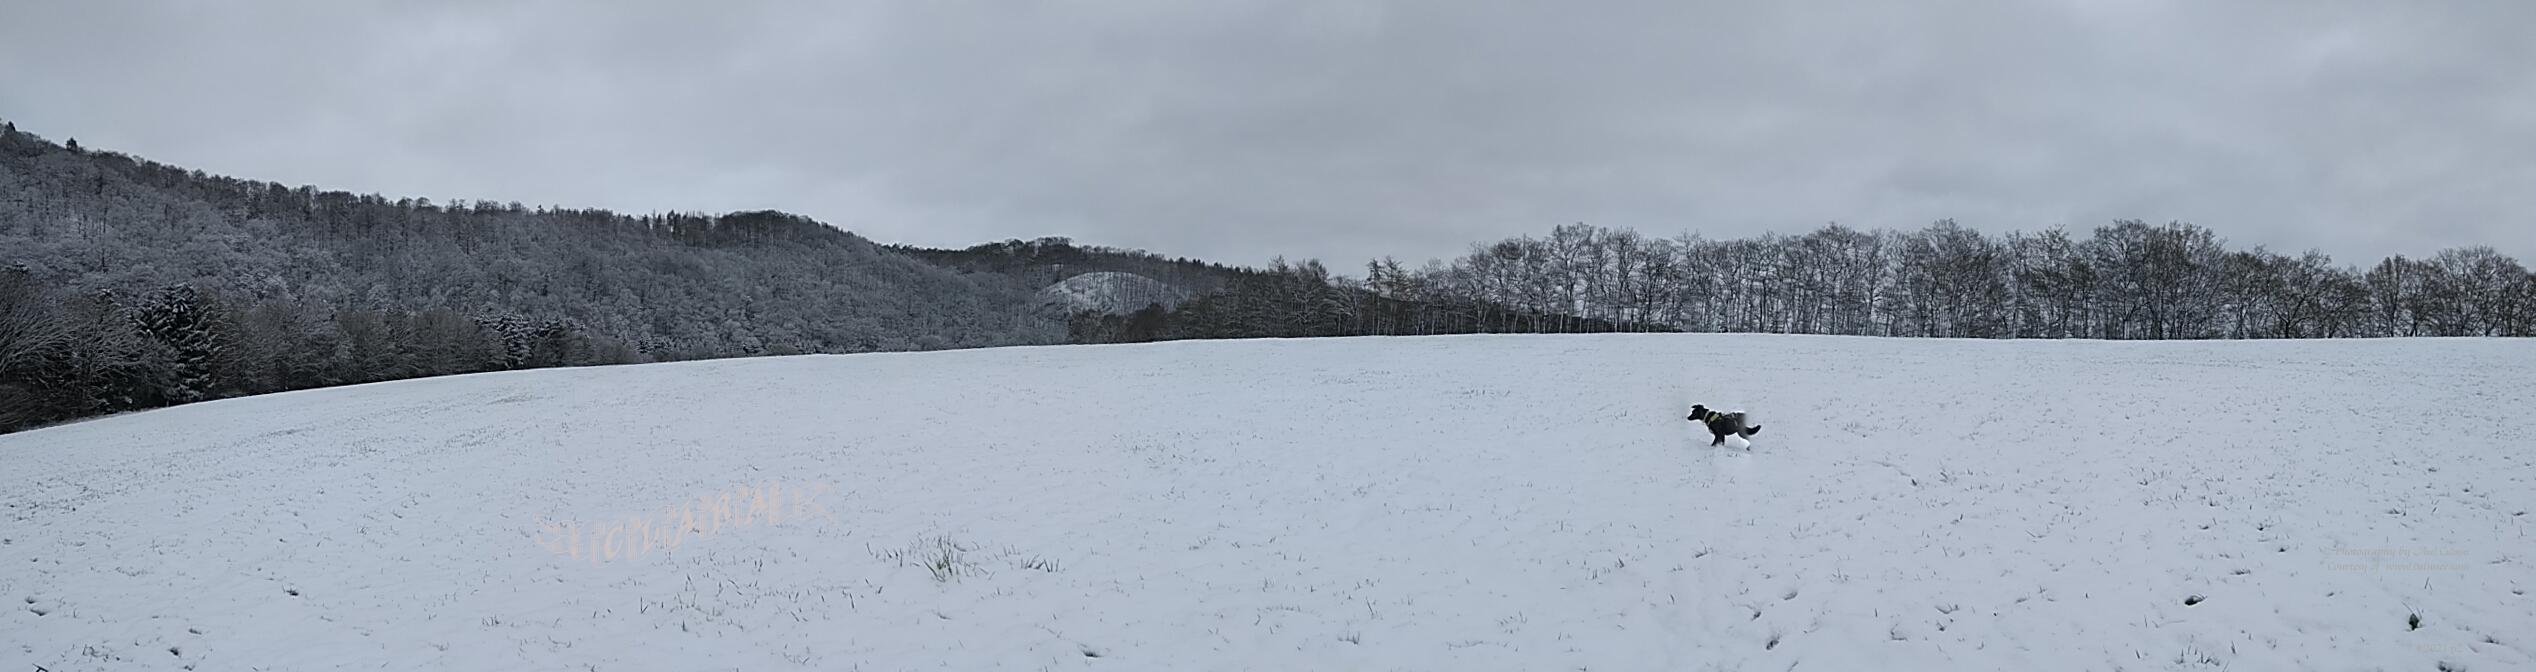 snow during April - Clara 10 months